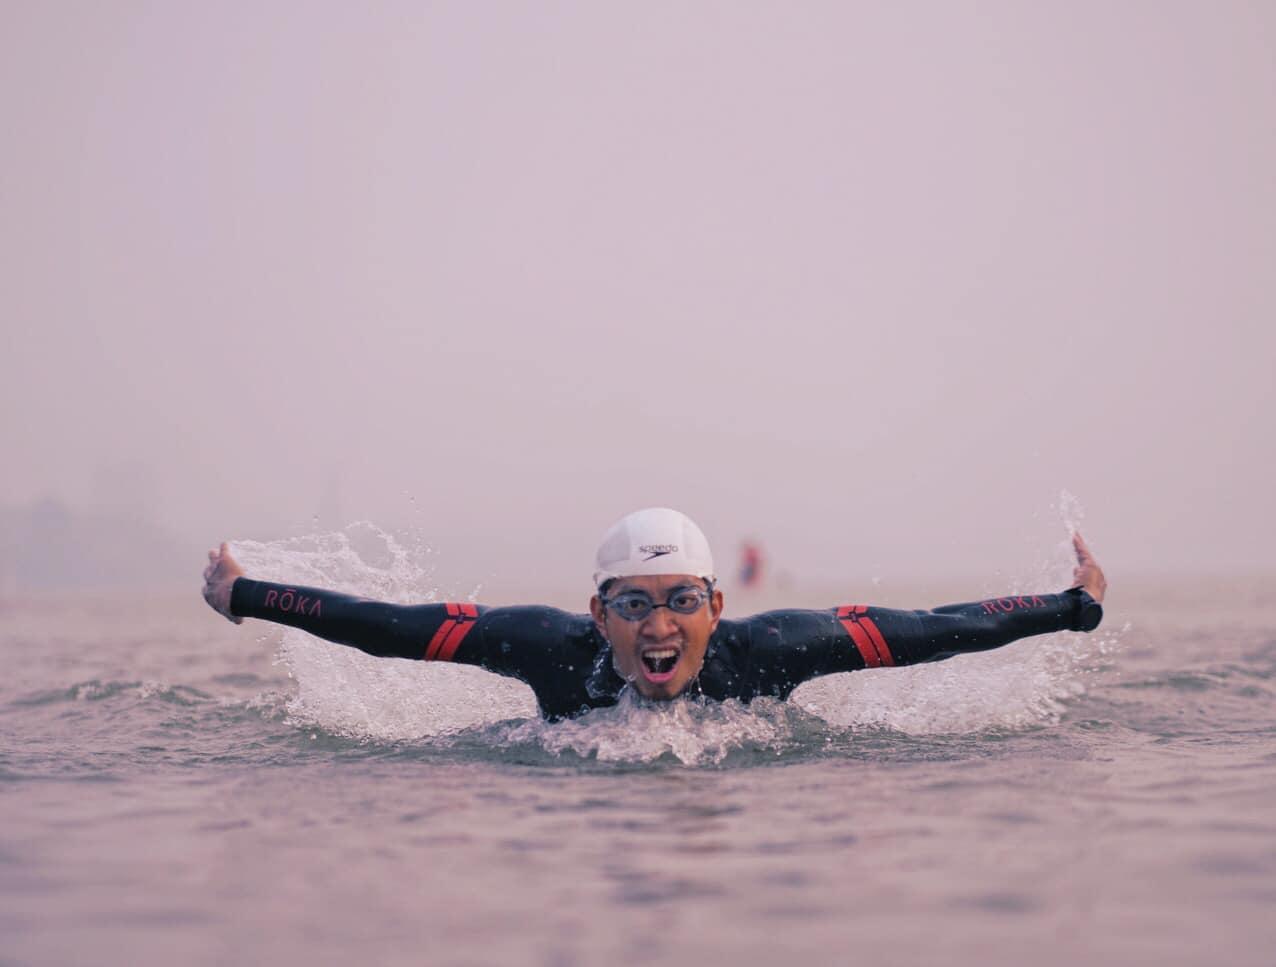 Ngày đầu tiên khánh bơi được 10 đến 15km thì nghỉ một lần. Ảnh: Nhân vật cung cấp.